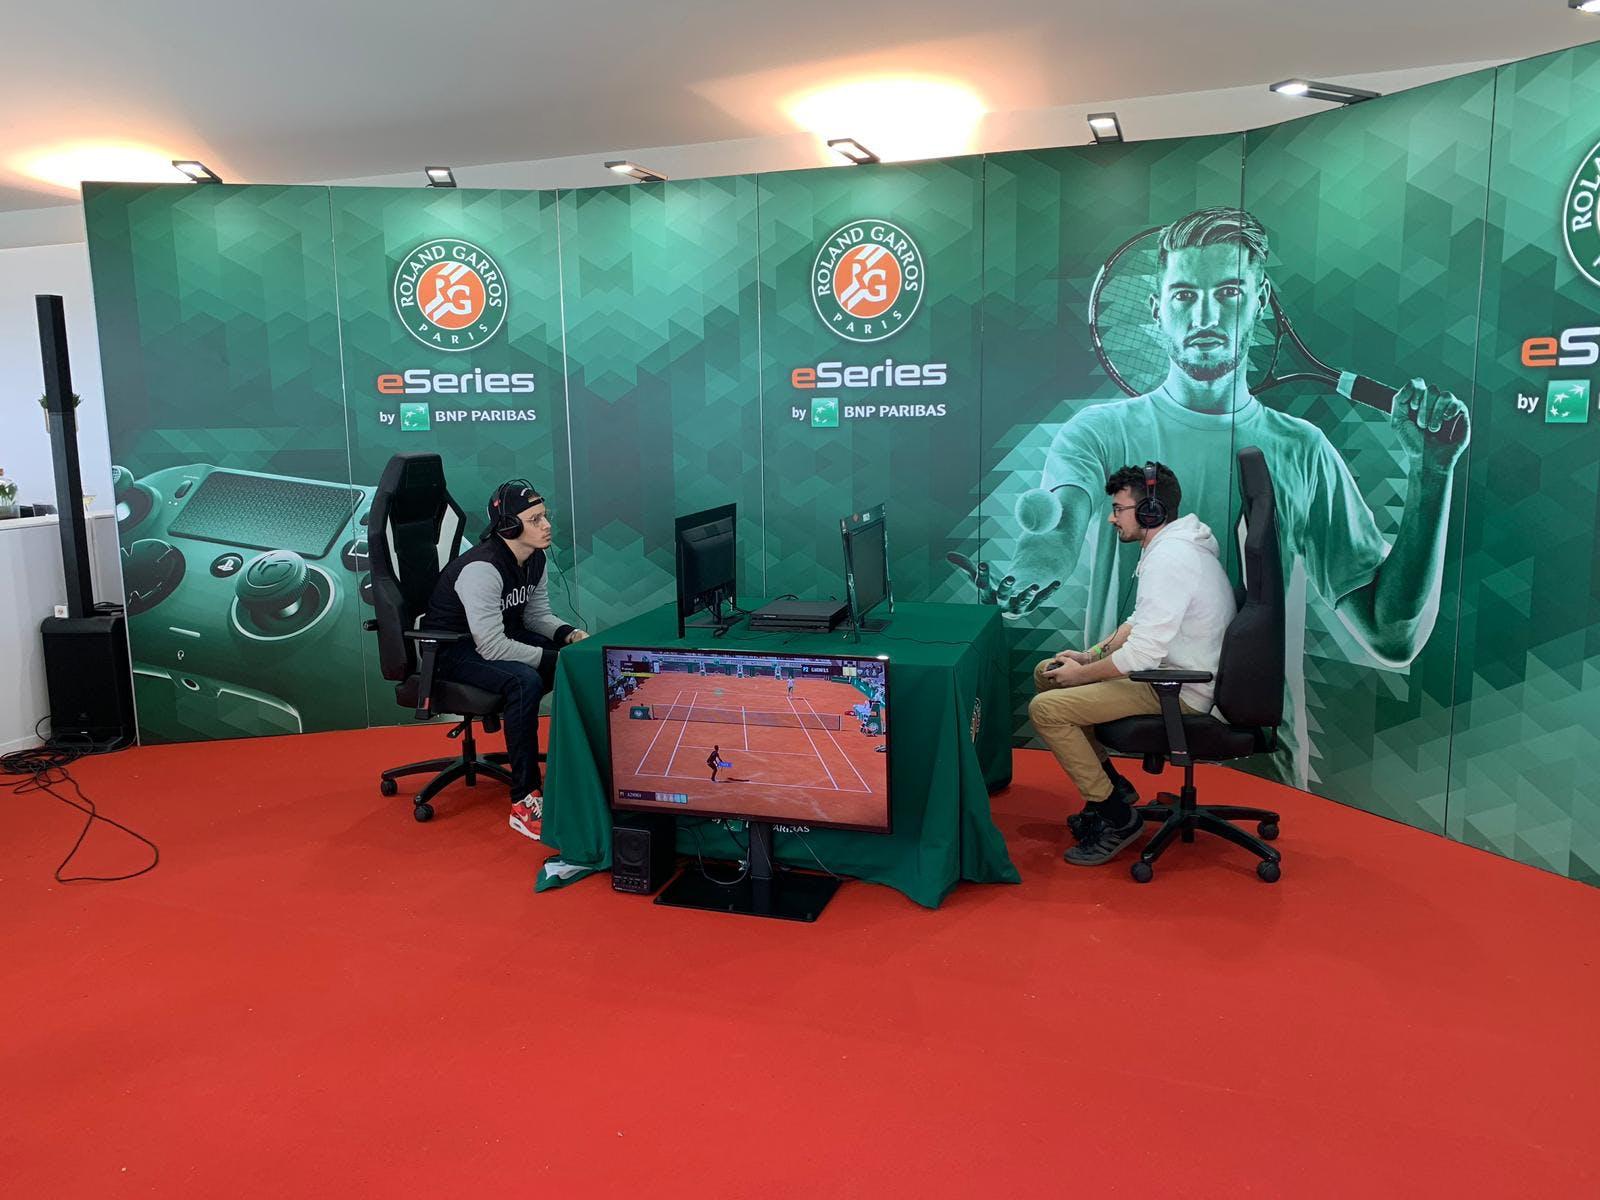 Roland-Garros eSeries by BNP Paribas - Thibaut Karmaly - Marvin Nonone - finale française